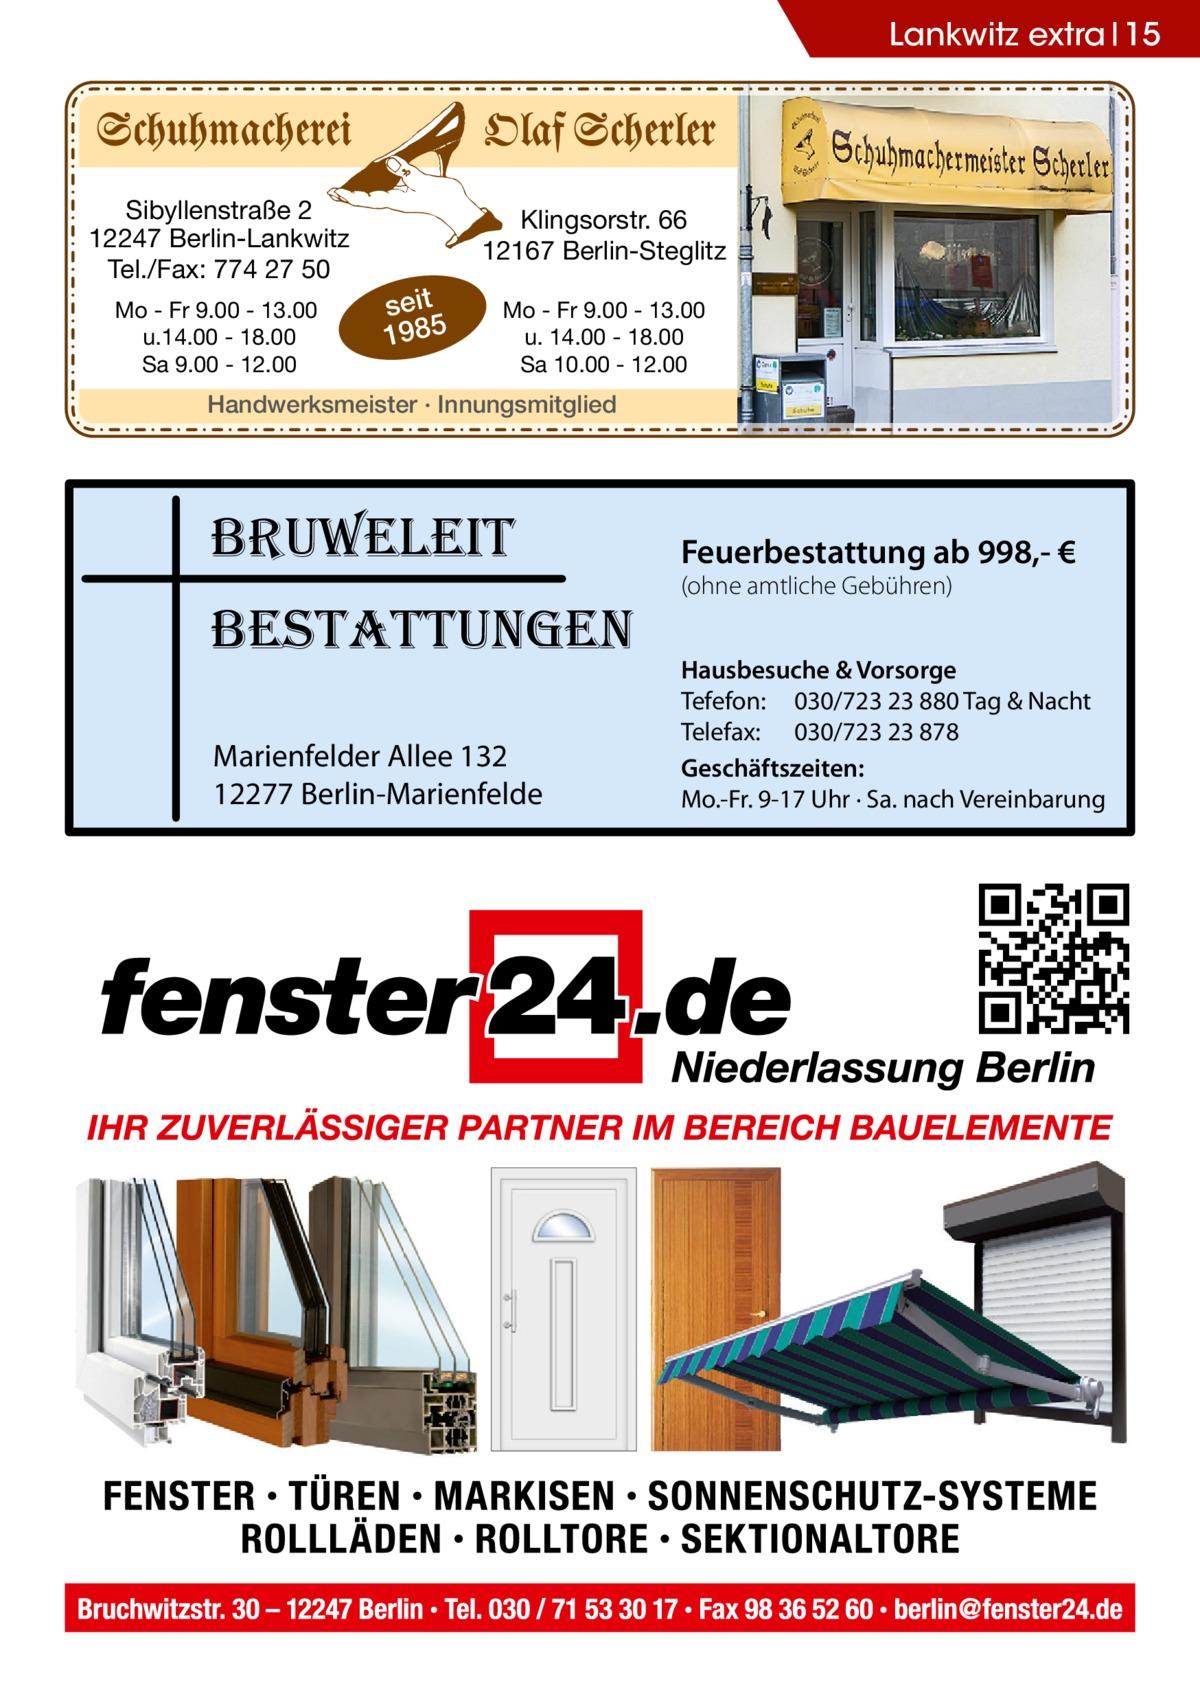 Lankwitz extra 15  Sibyllenstraße 2 12247 Berlin-Lankwitz Tel./Fax: 774 27 50 Mo - Fr 9.00 - 13.00 u.14.00 - 18.00 Sa 9.00 - 12.00  Klingsorstr. 66 12167 Berlin-Steglitz  seit 1985  Mo - Fr 9.00 - 13.00 u. 14.00 - 18.00 Sa 10.00 - 12.00  Handwerksmeister · Innungsmitglied  bruweleit bestattungen Marienfelder Allee 132 12277 Berlin-Marienfelde  Feuerbestattung ab 998,- € (ohne amtliche Gebühren)  Hausbesuche & Vorsorge Tefefon: 030/723 23 880 Tag & Nacht Telefax: 030/723 23 878 Geschäftszeiten: Mo.-Fr. 9-17 Uhr · Sa. nach Vereinbarung